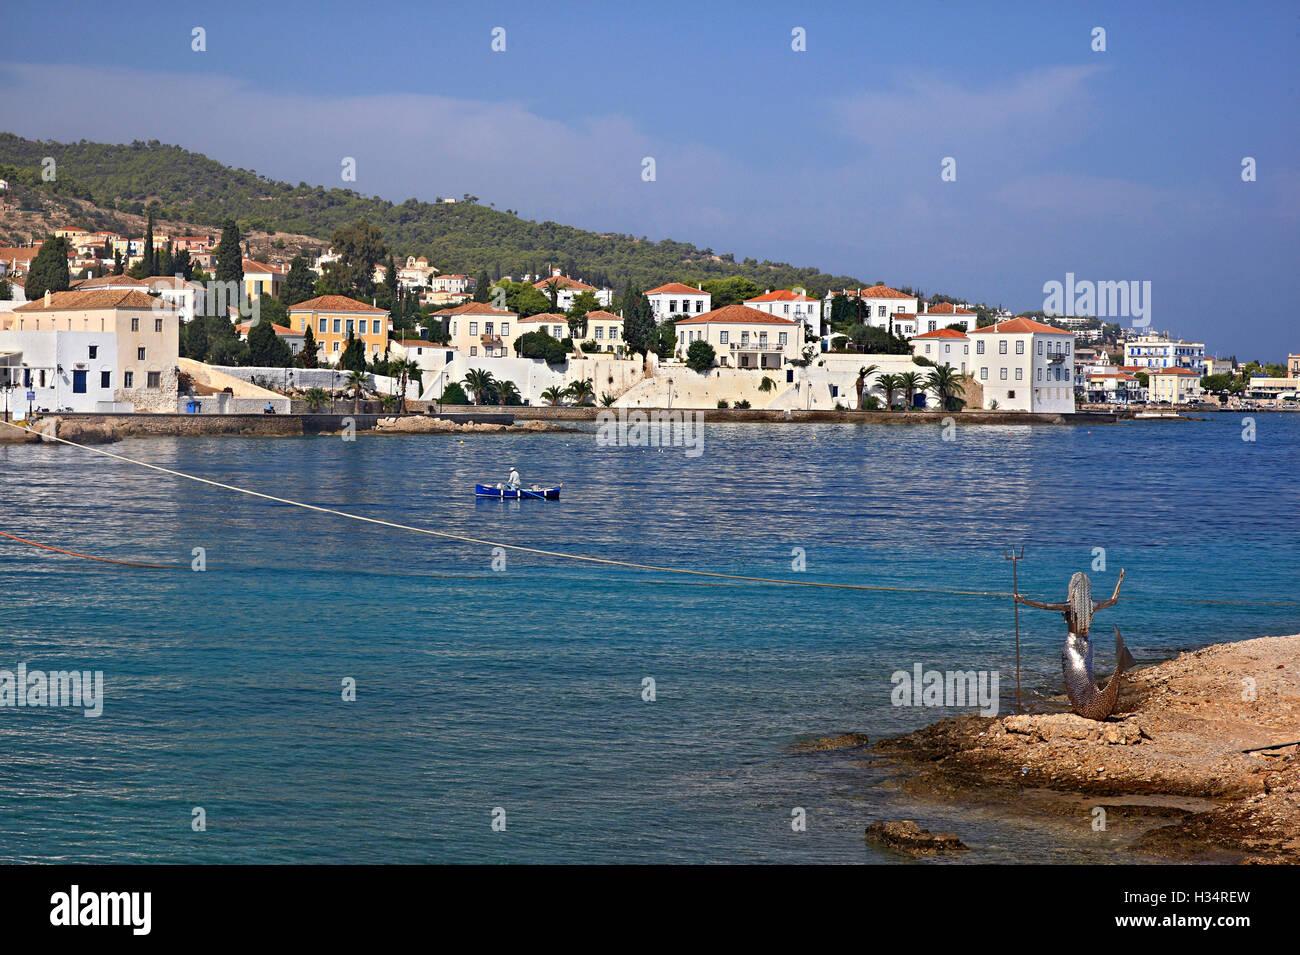 European Mela Stock Photos & European Mela Stock Images - Alamy